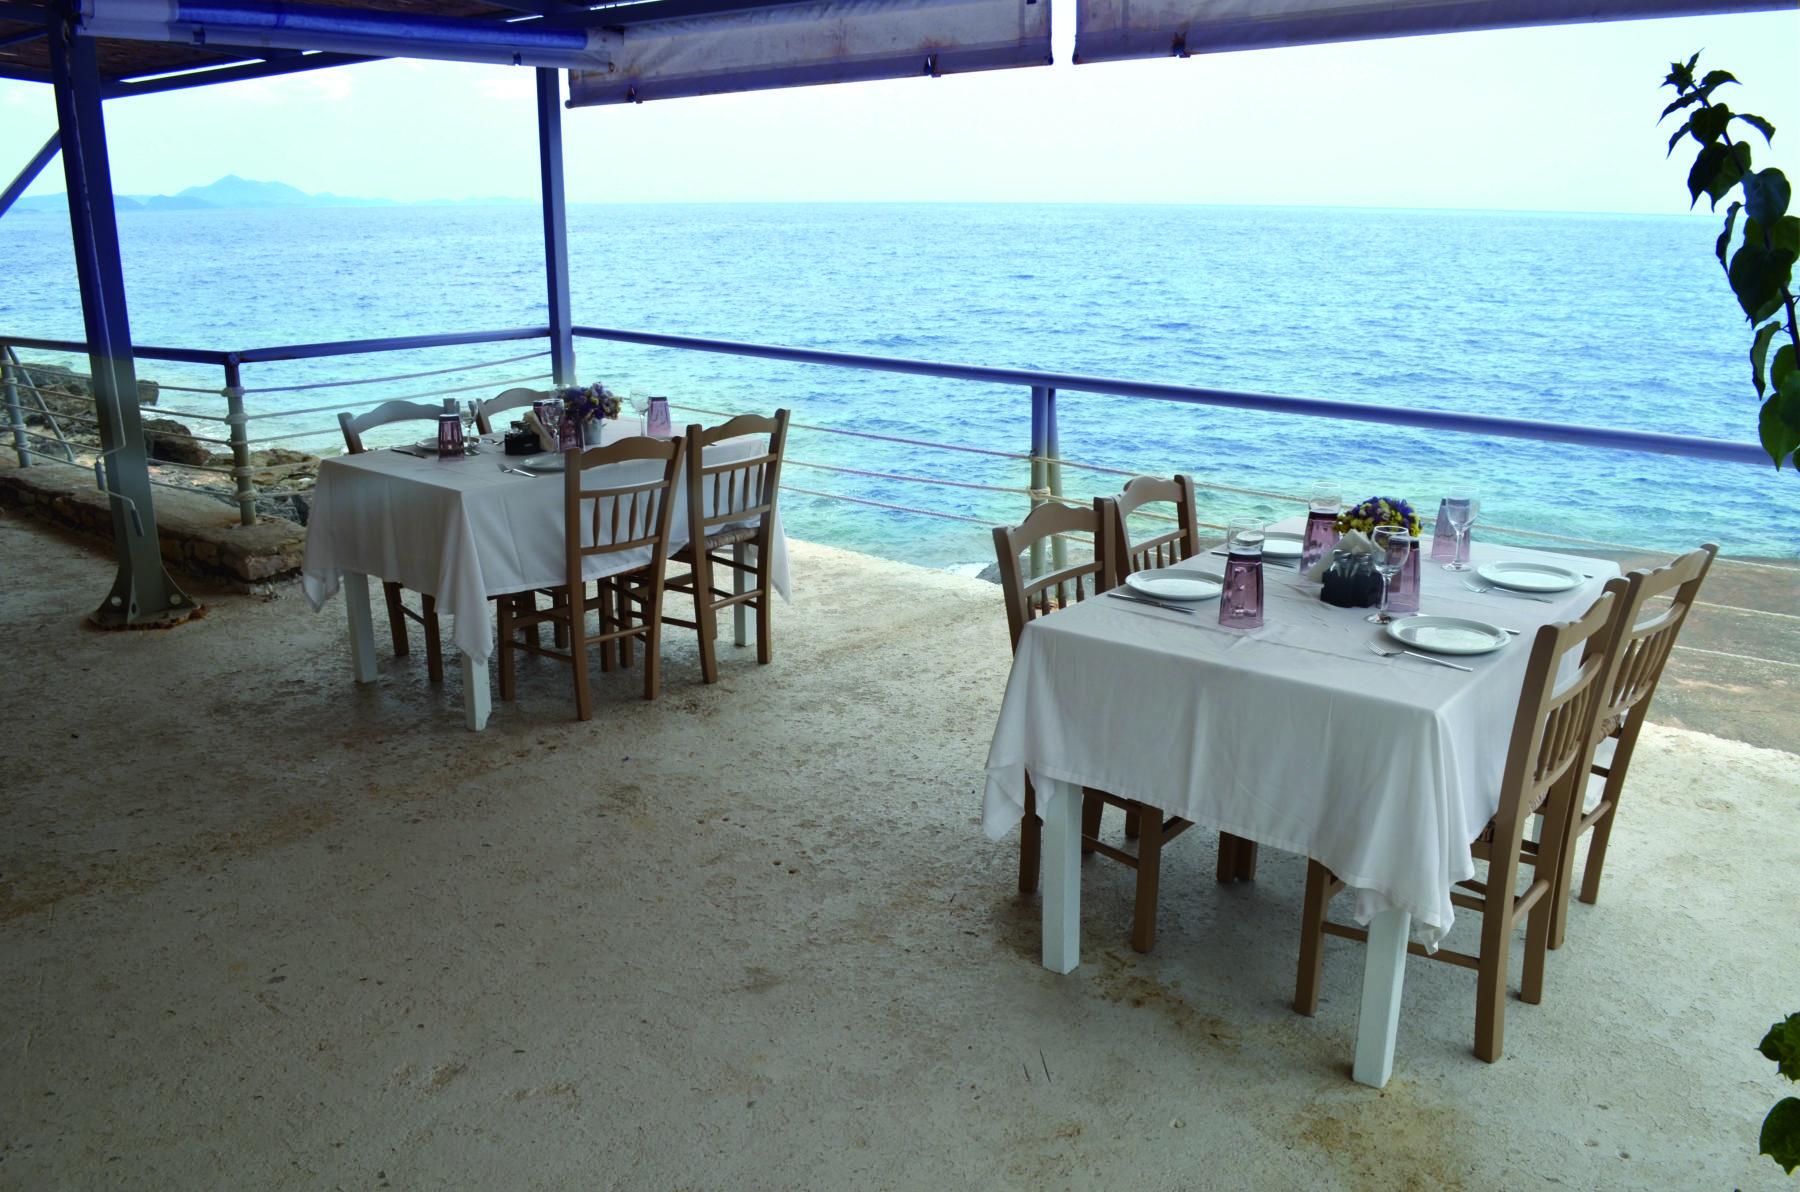 Μαϊστράλι  Εστιατόριο – Ψαροταβέρνα